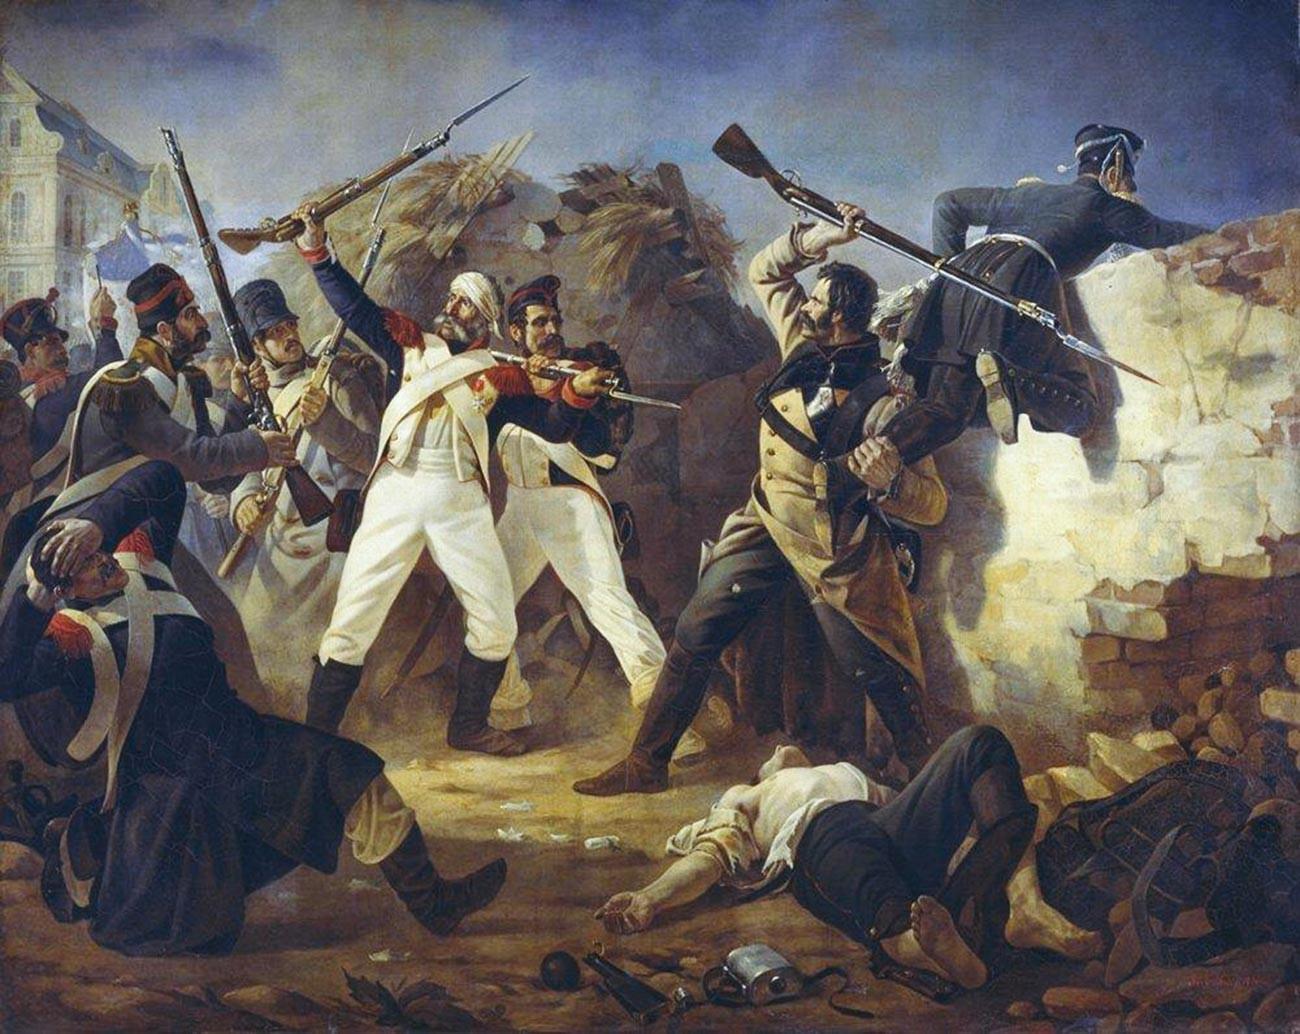 Подвиг гренадера лейб-гвардии Финляндского полка Леонтия Коренного в битве под Лейпцигом 1813 года.